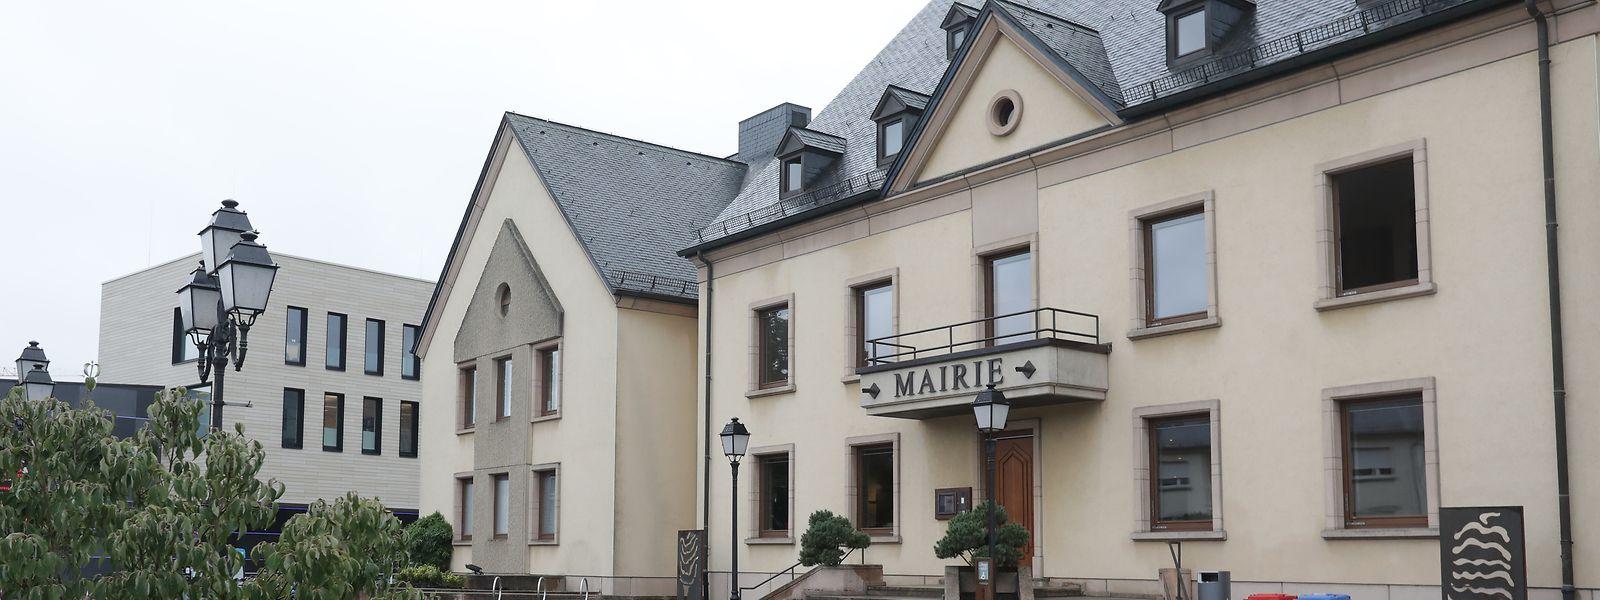 Die Ermittlungen gegen die beiden Beamten der Gemeindeverwaltung Hesperingen sind noch nicht abgeschlossen.